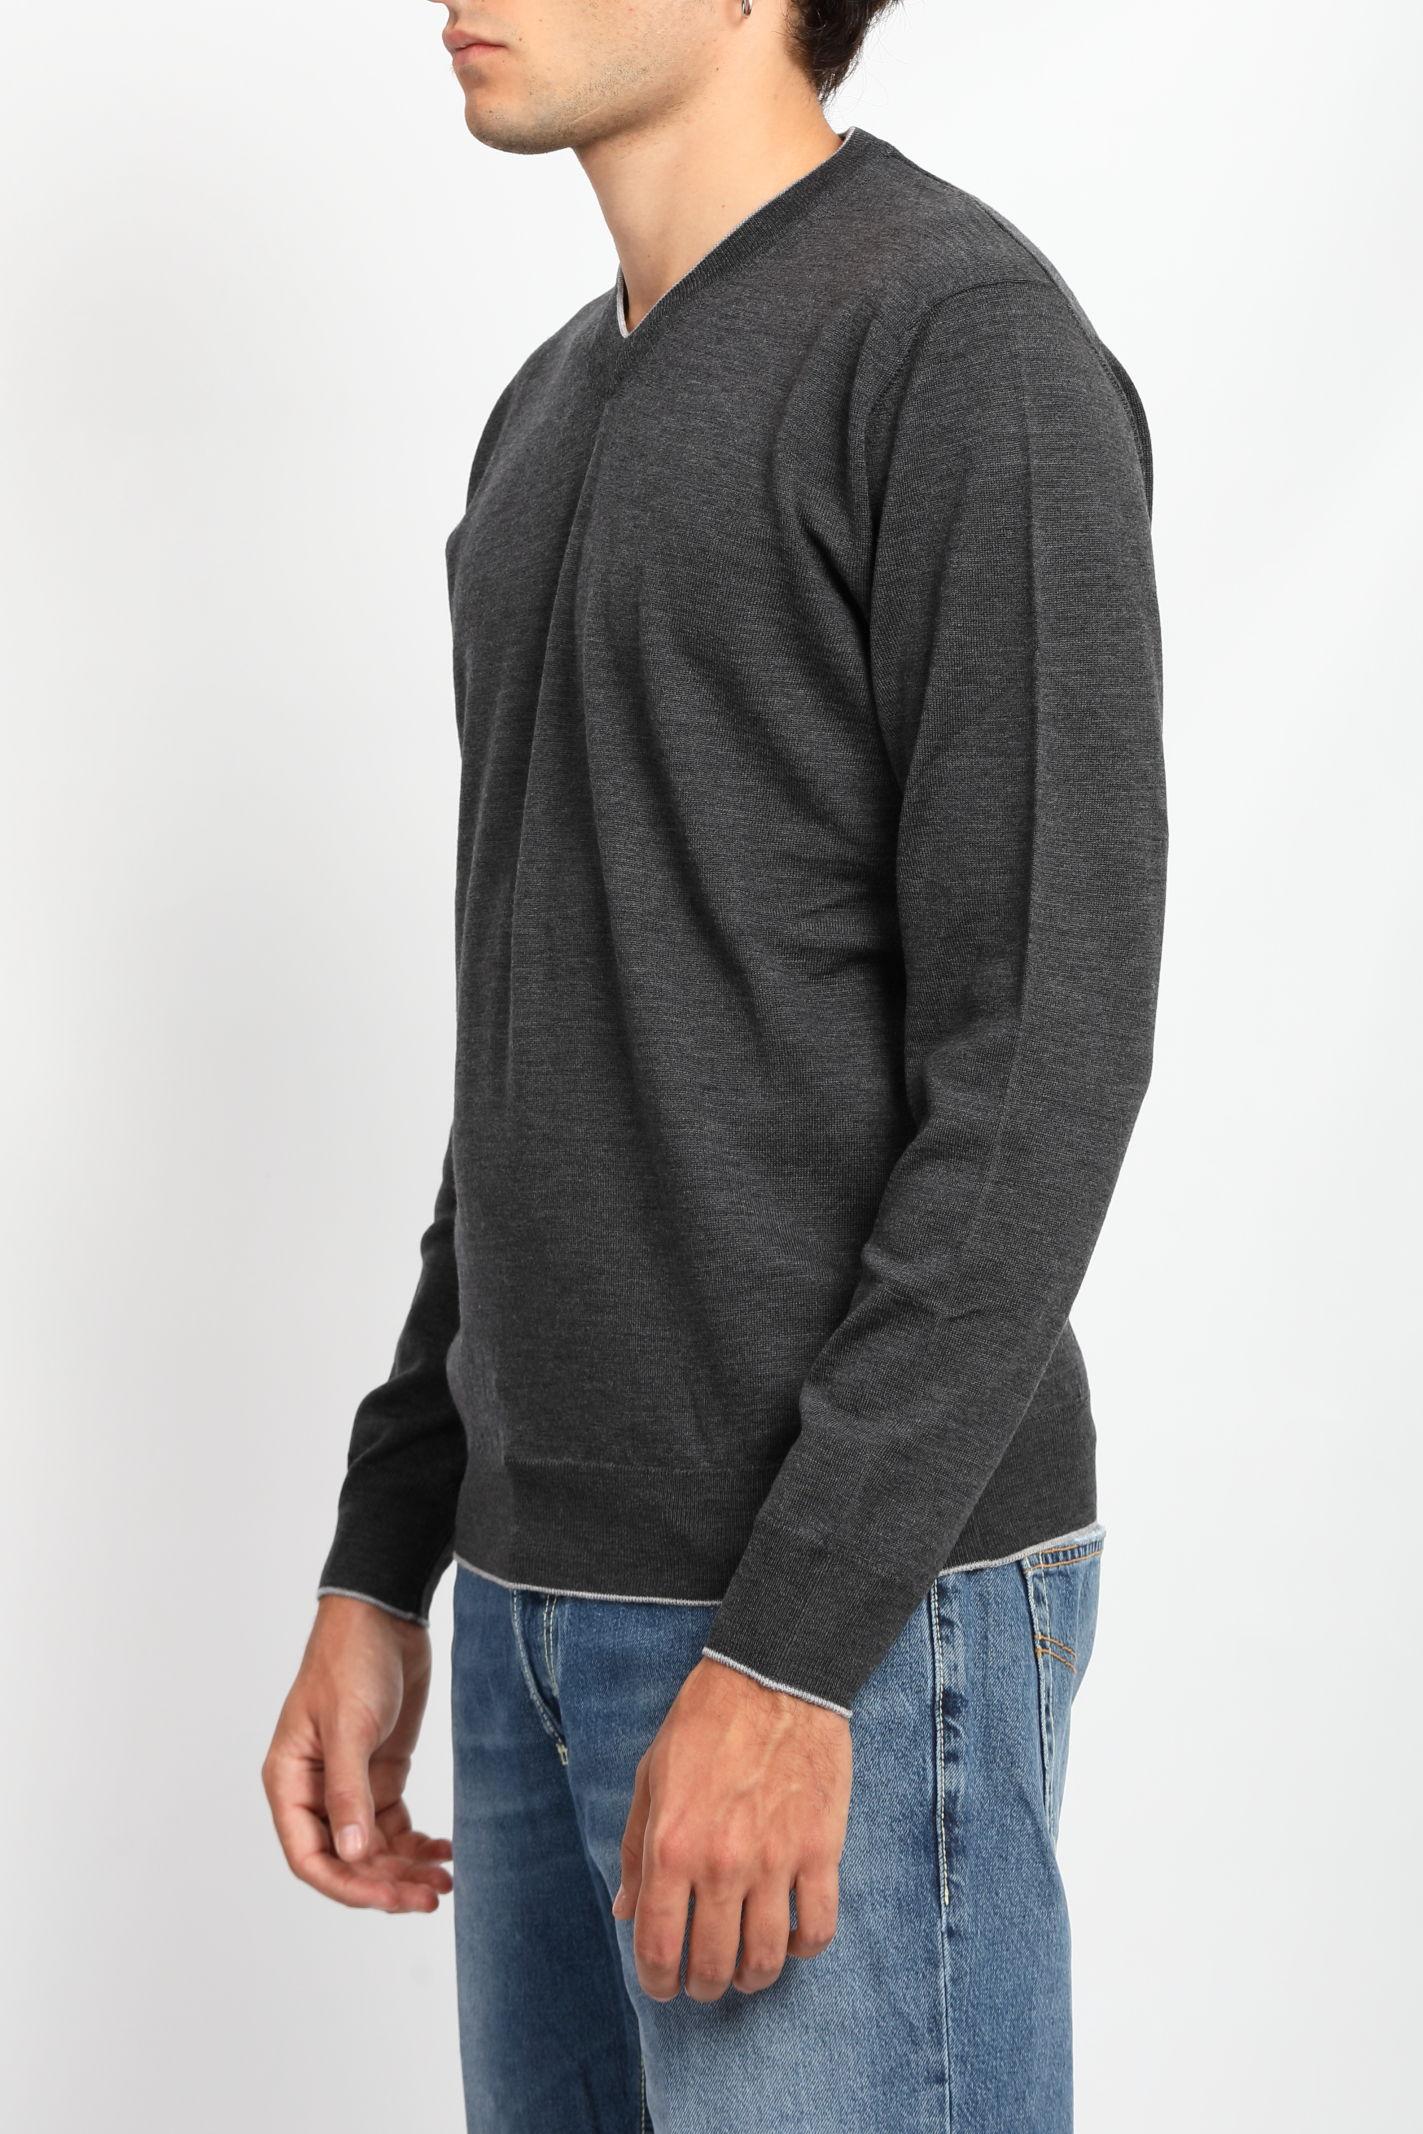 MERINO WOOL V-NECK SWEATER FRANCESCO PIERI | Knitwear | FU03601C420426